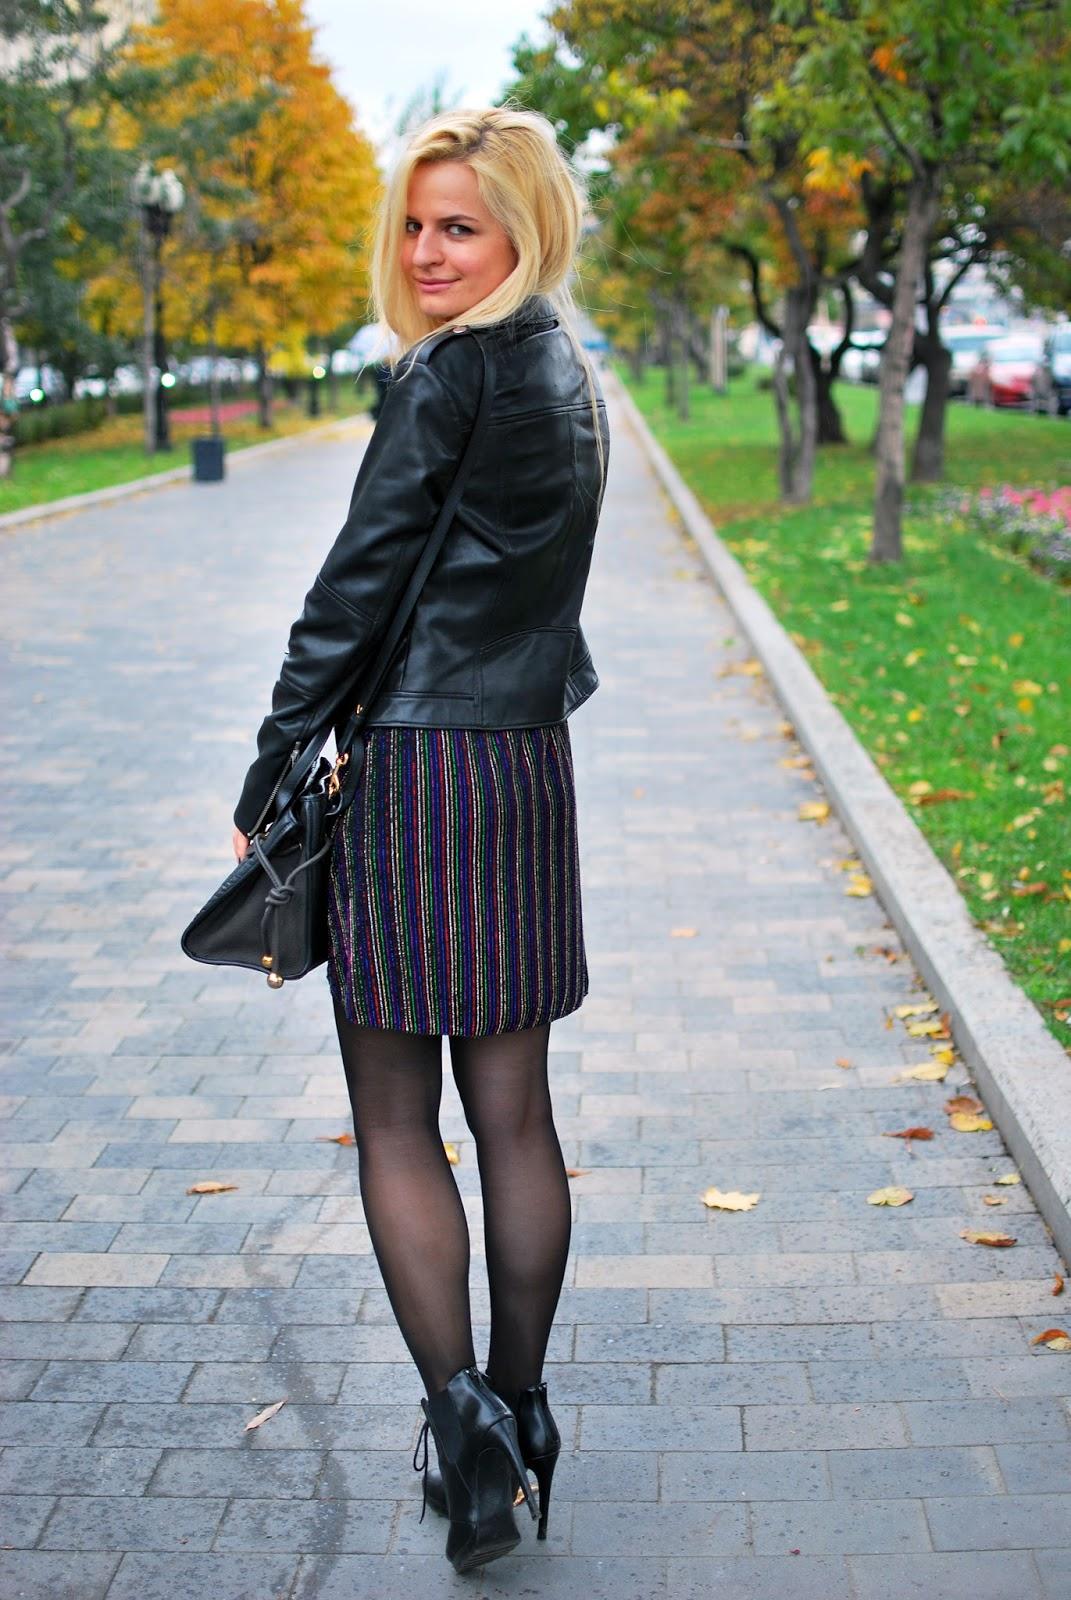 платье из люрекса, с чем носить кожаную куртку,street style ideas, best fashion blogers moscow